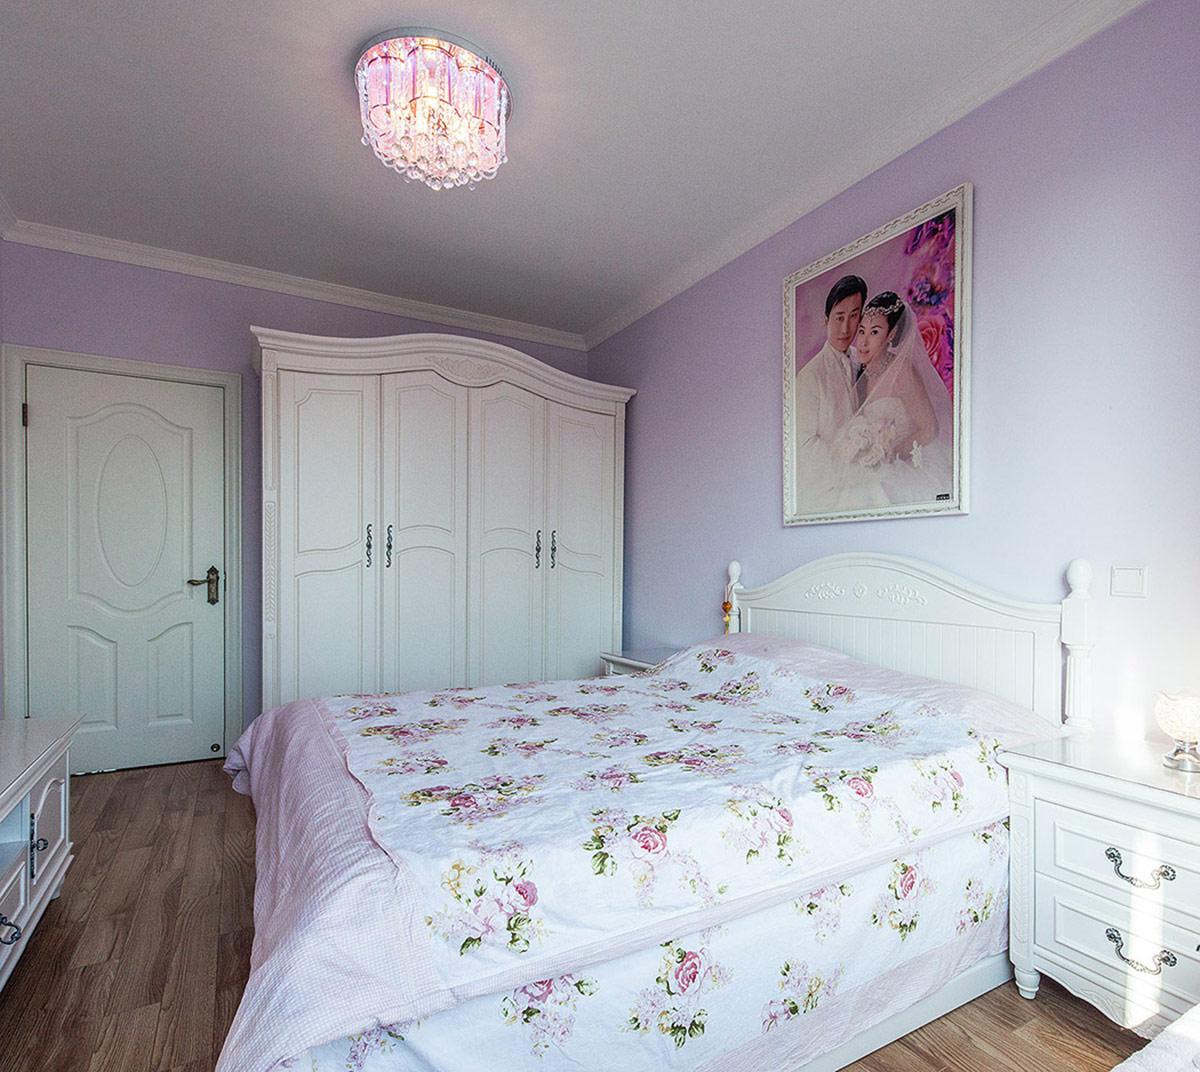 整体紫色的卧室显得温馨浪漫,欧式风格在点滴的装饰中体现出来,虽然没有过多的装饰但细看仍旧能看到欧式的情调融再在其中。